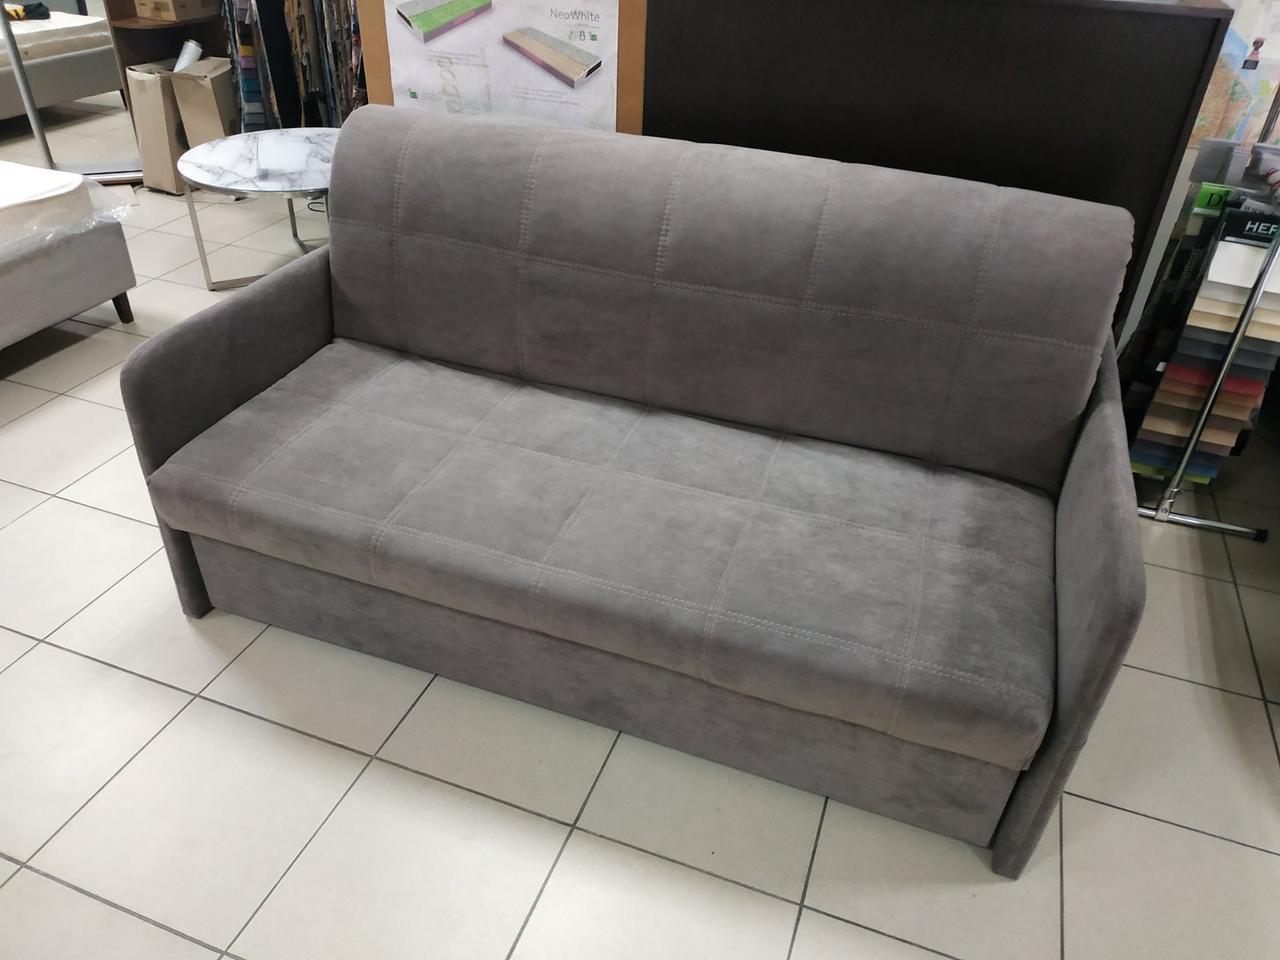 Эксклюзивная НОВИНКА!!!! Современный модный диван! Большое спальное место!